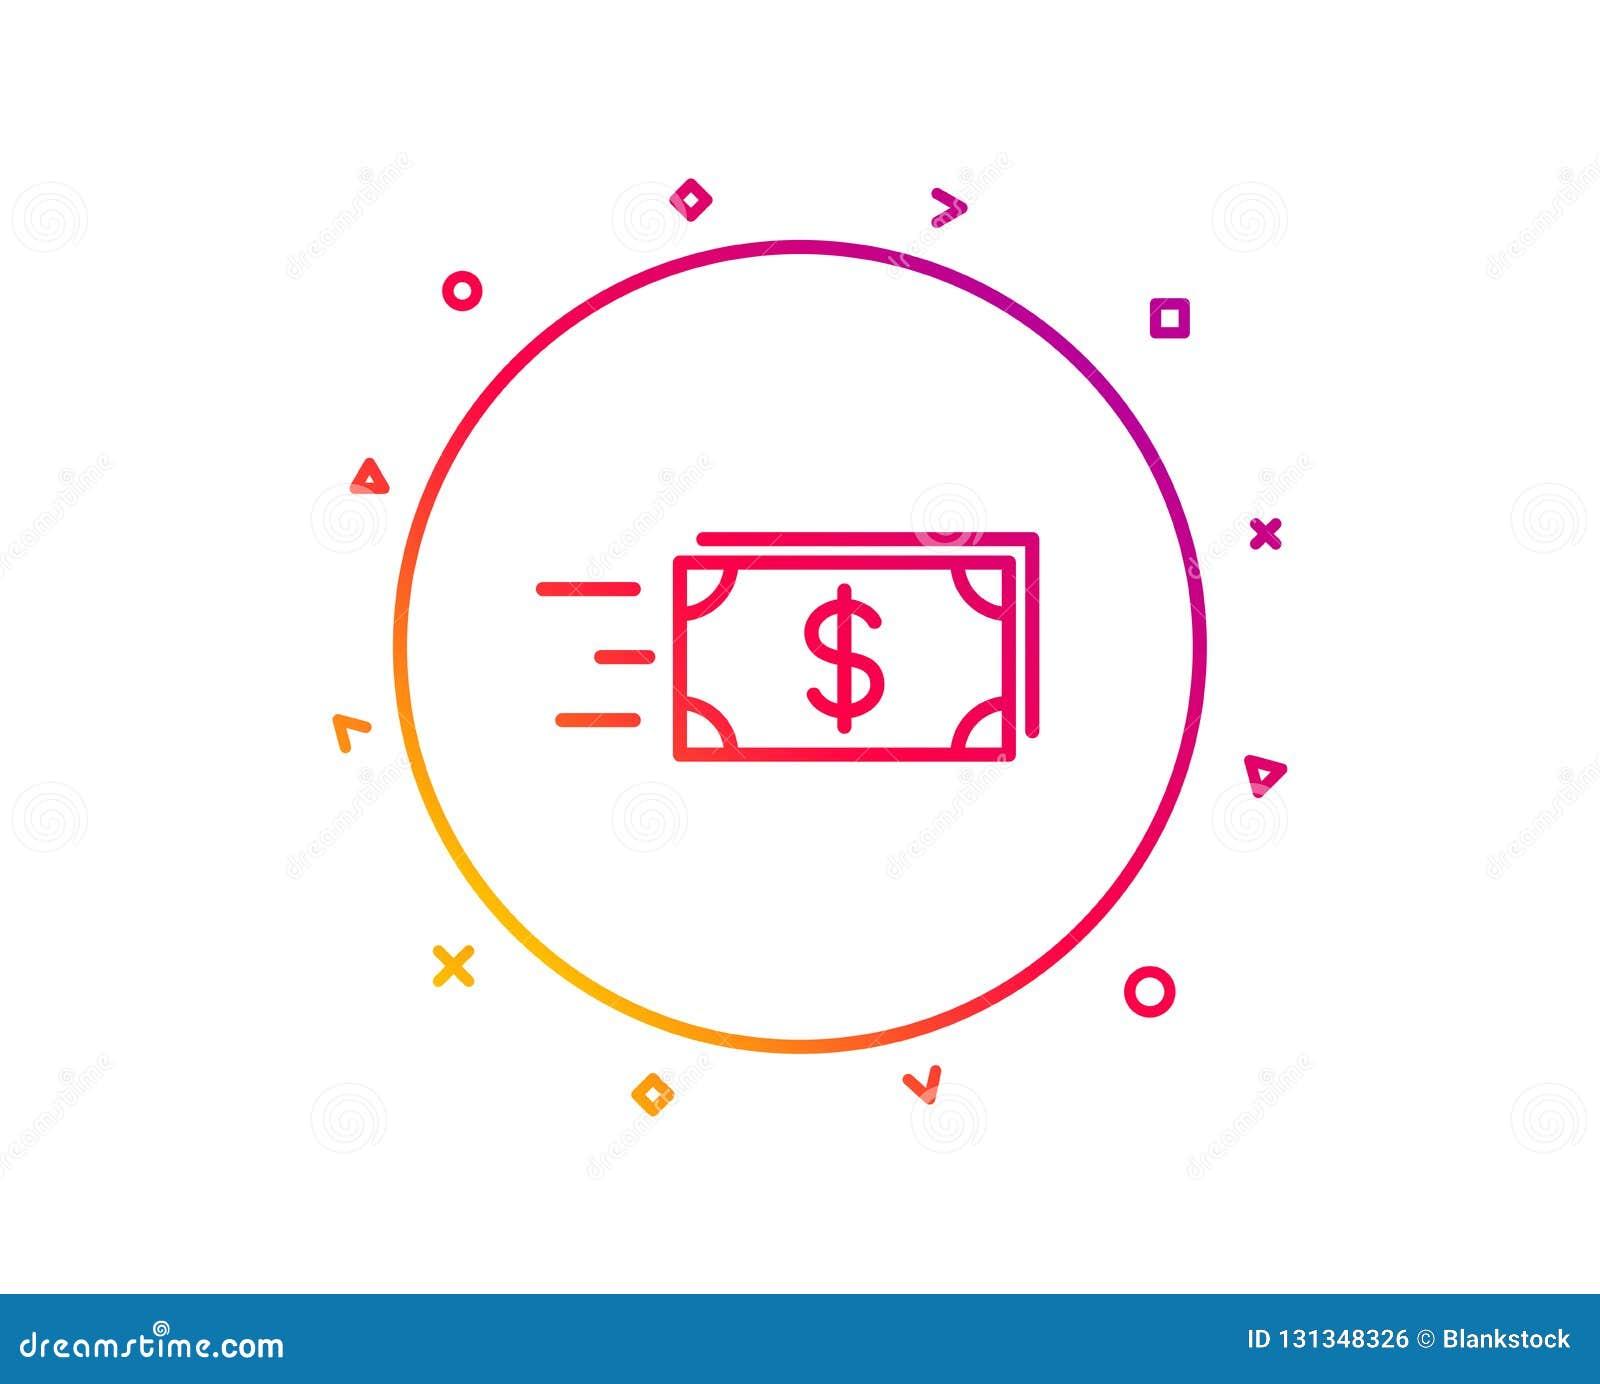 Линия значок денег наличных денег перехода banister вектор